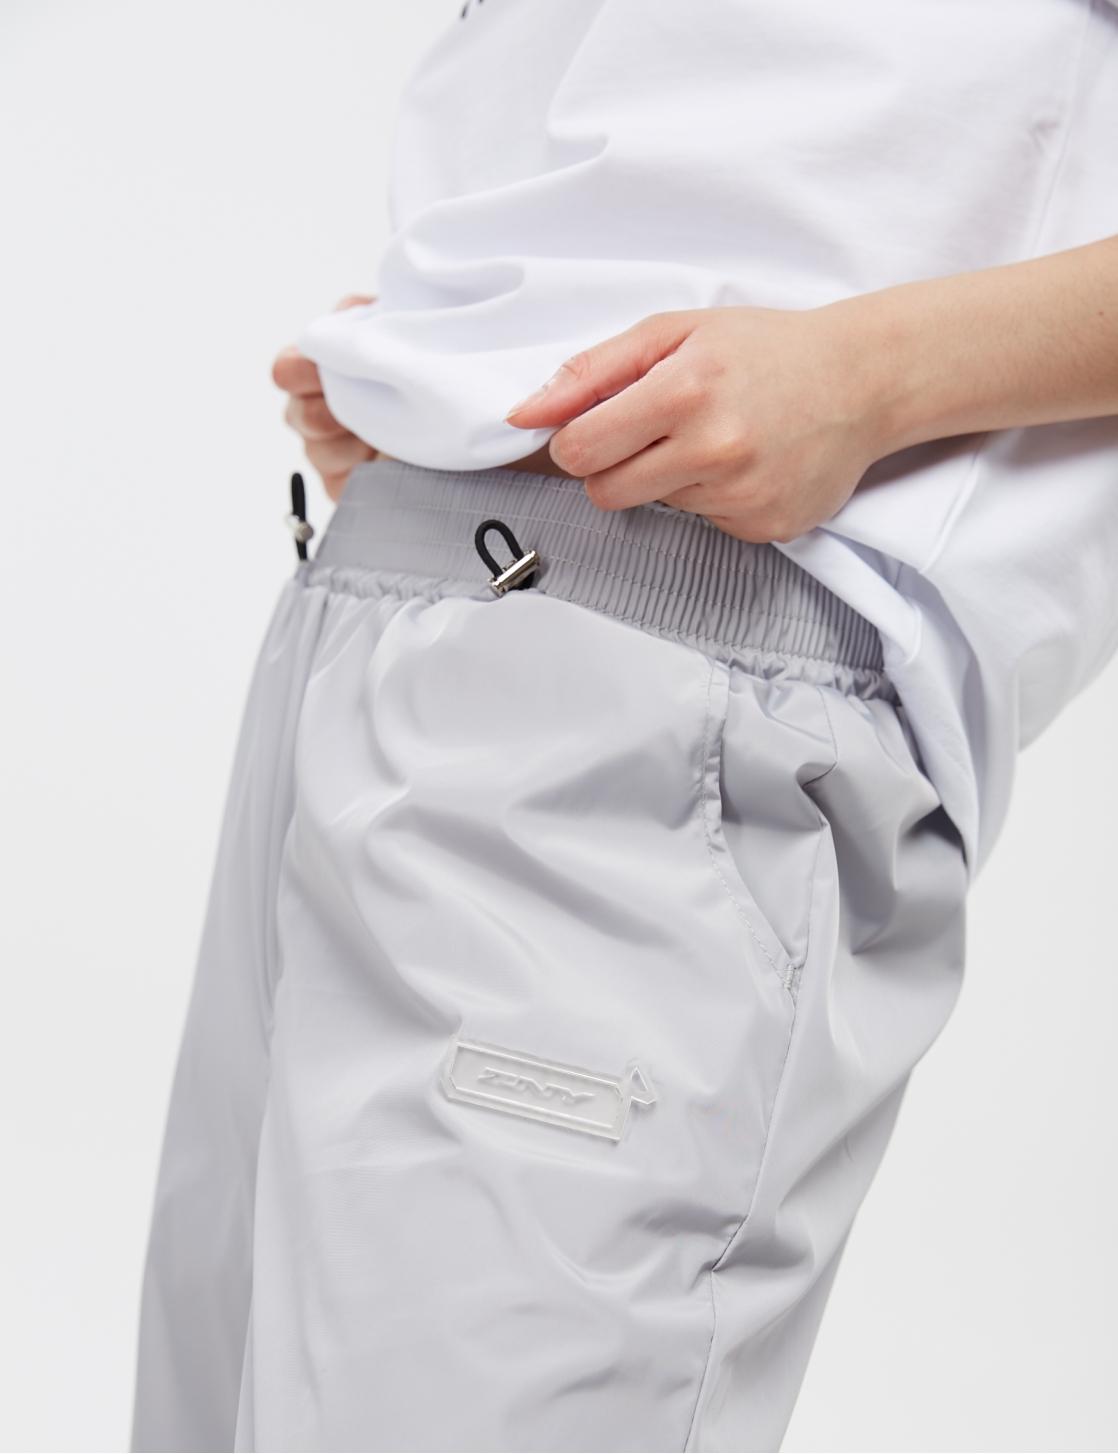 ZNY PVC LOGO Spots Pants